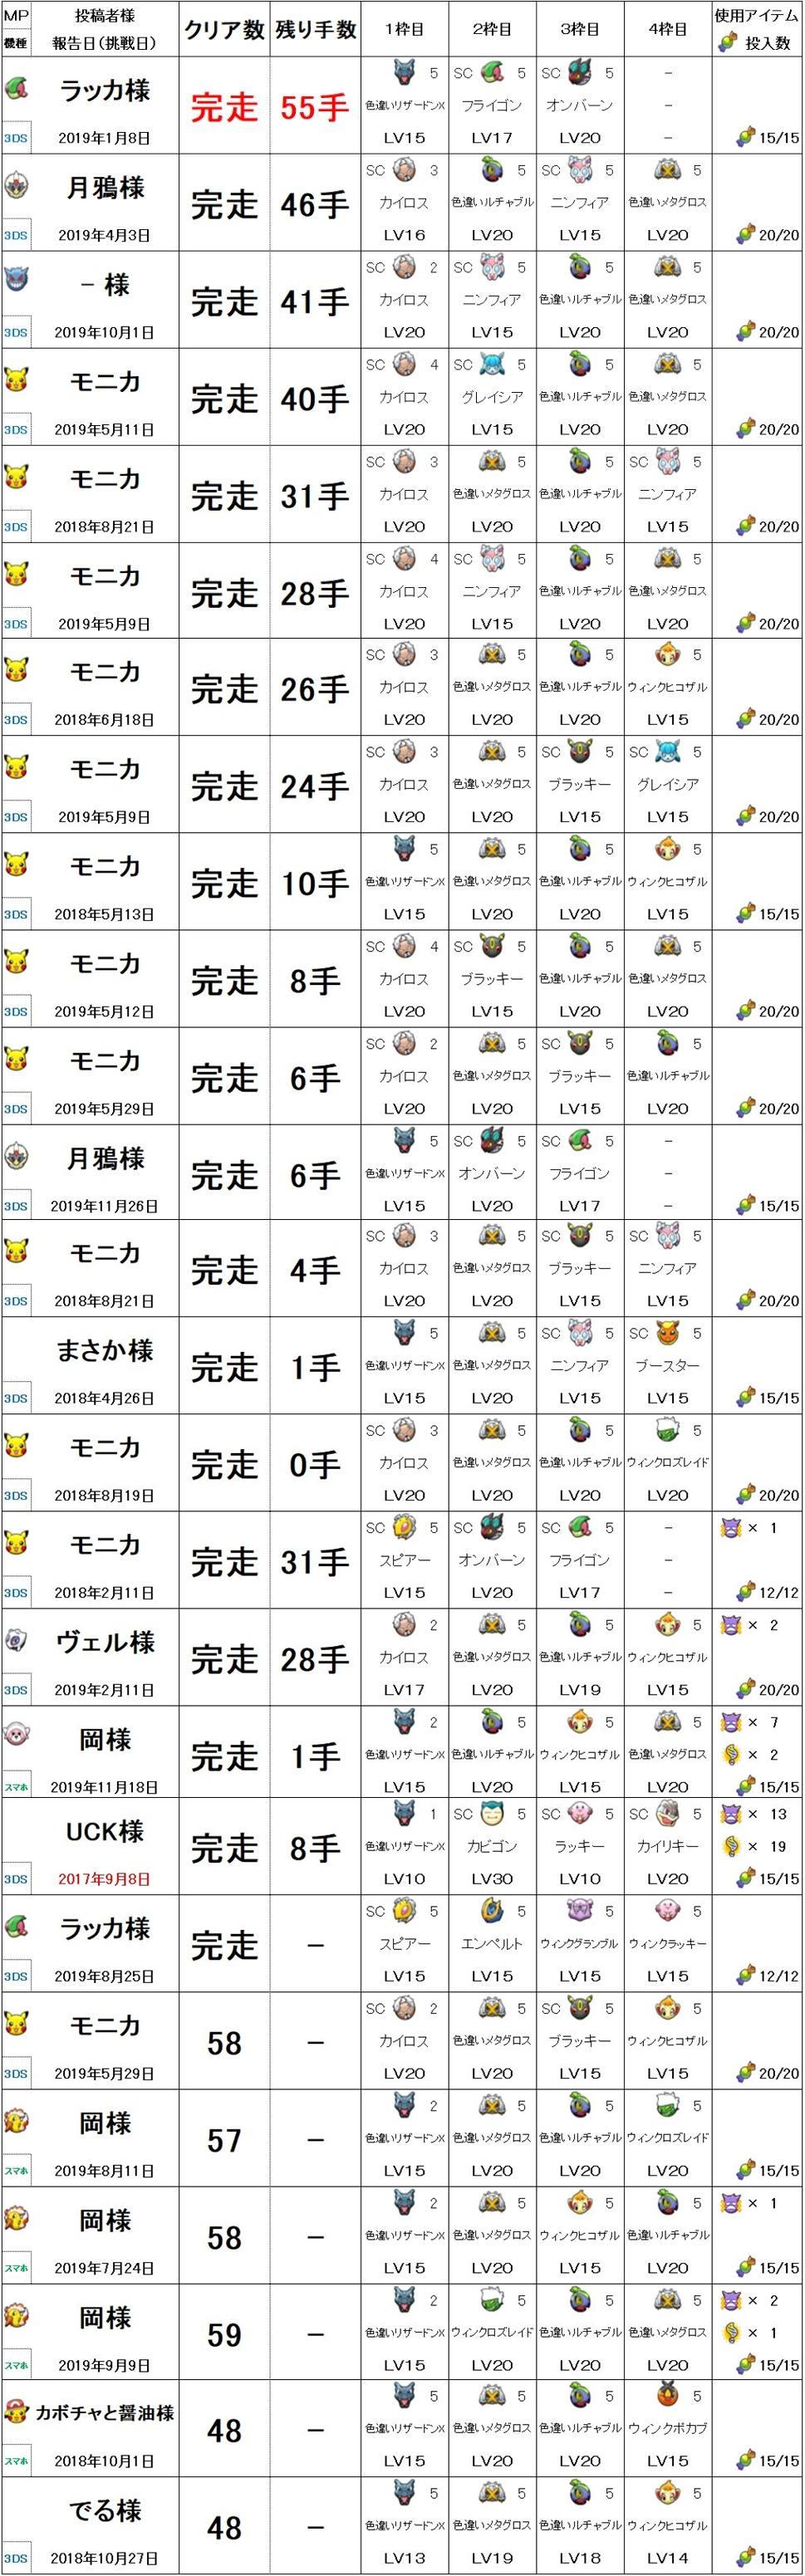 ポケロード挑戦ランキング11月26日